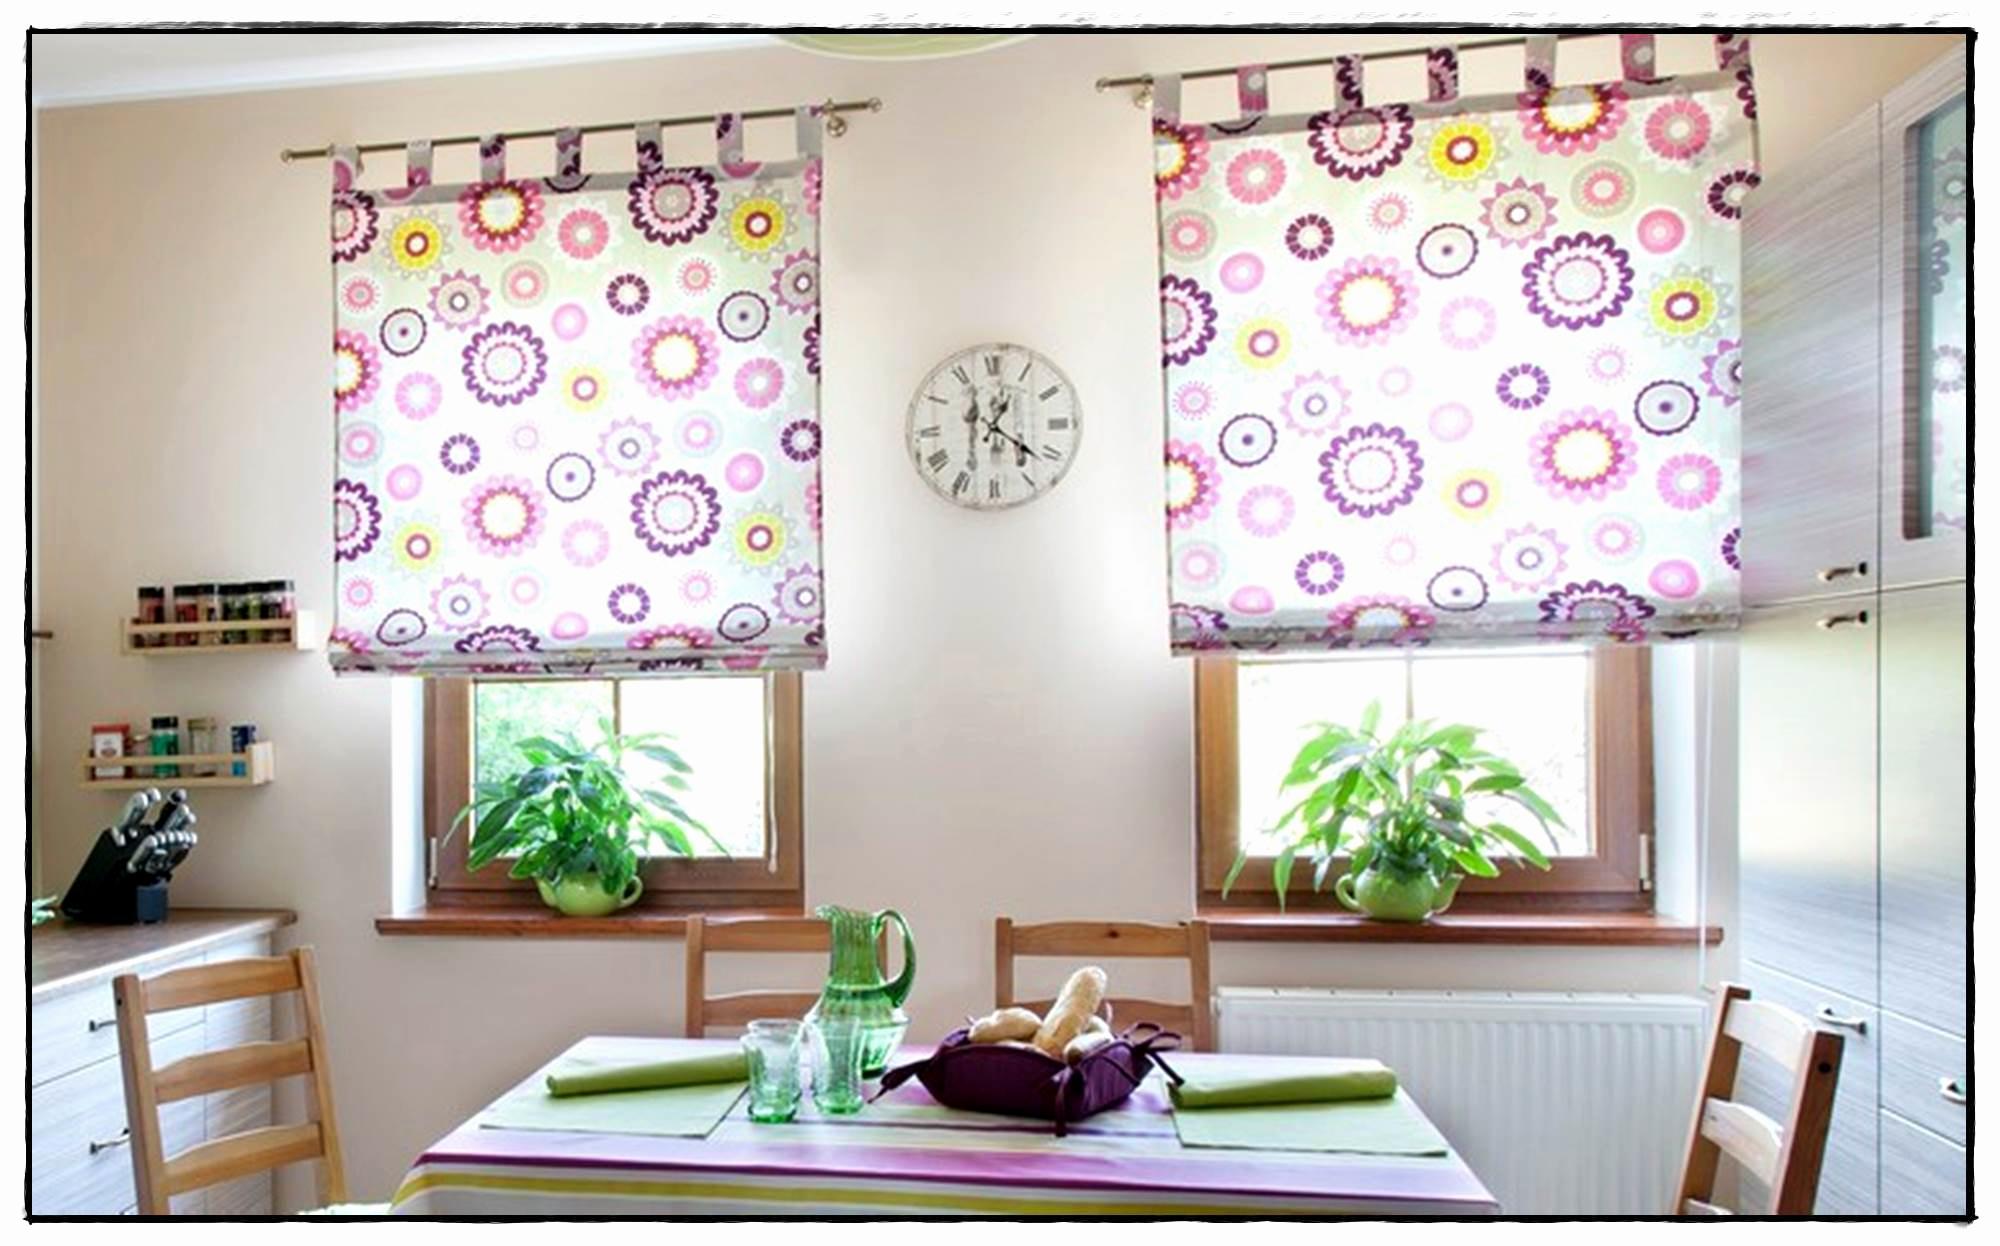 Rideaux De Cuisine originaux Nouveau Photographie Rideaux De Cuisine Moderne Luxe Rideau De Cuisine Design Best